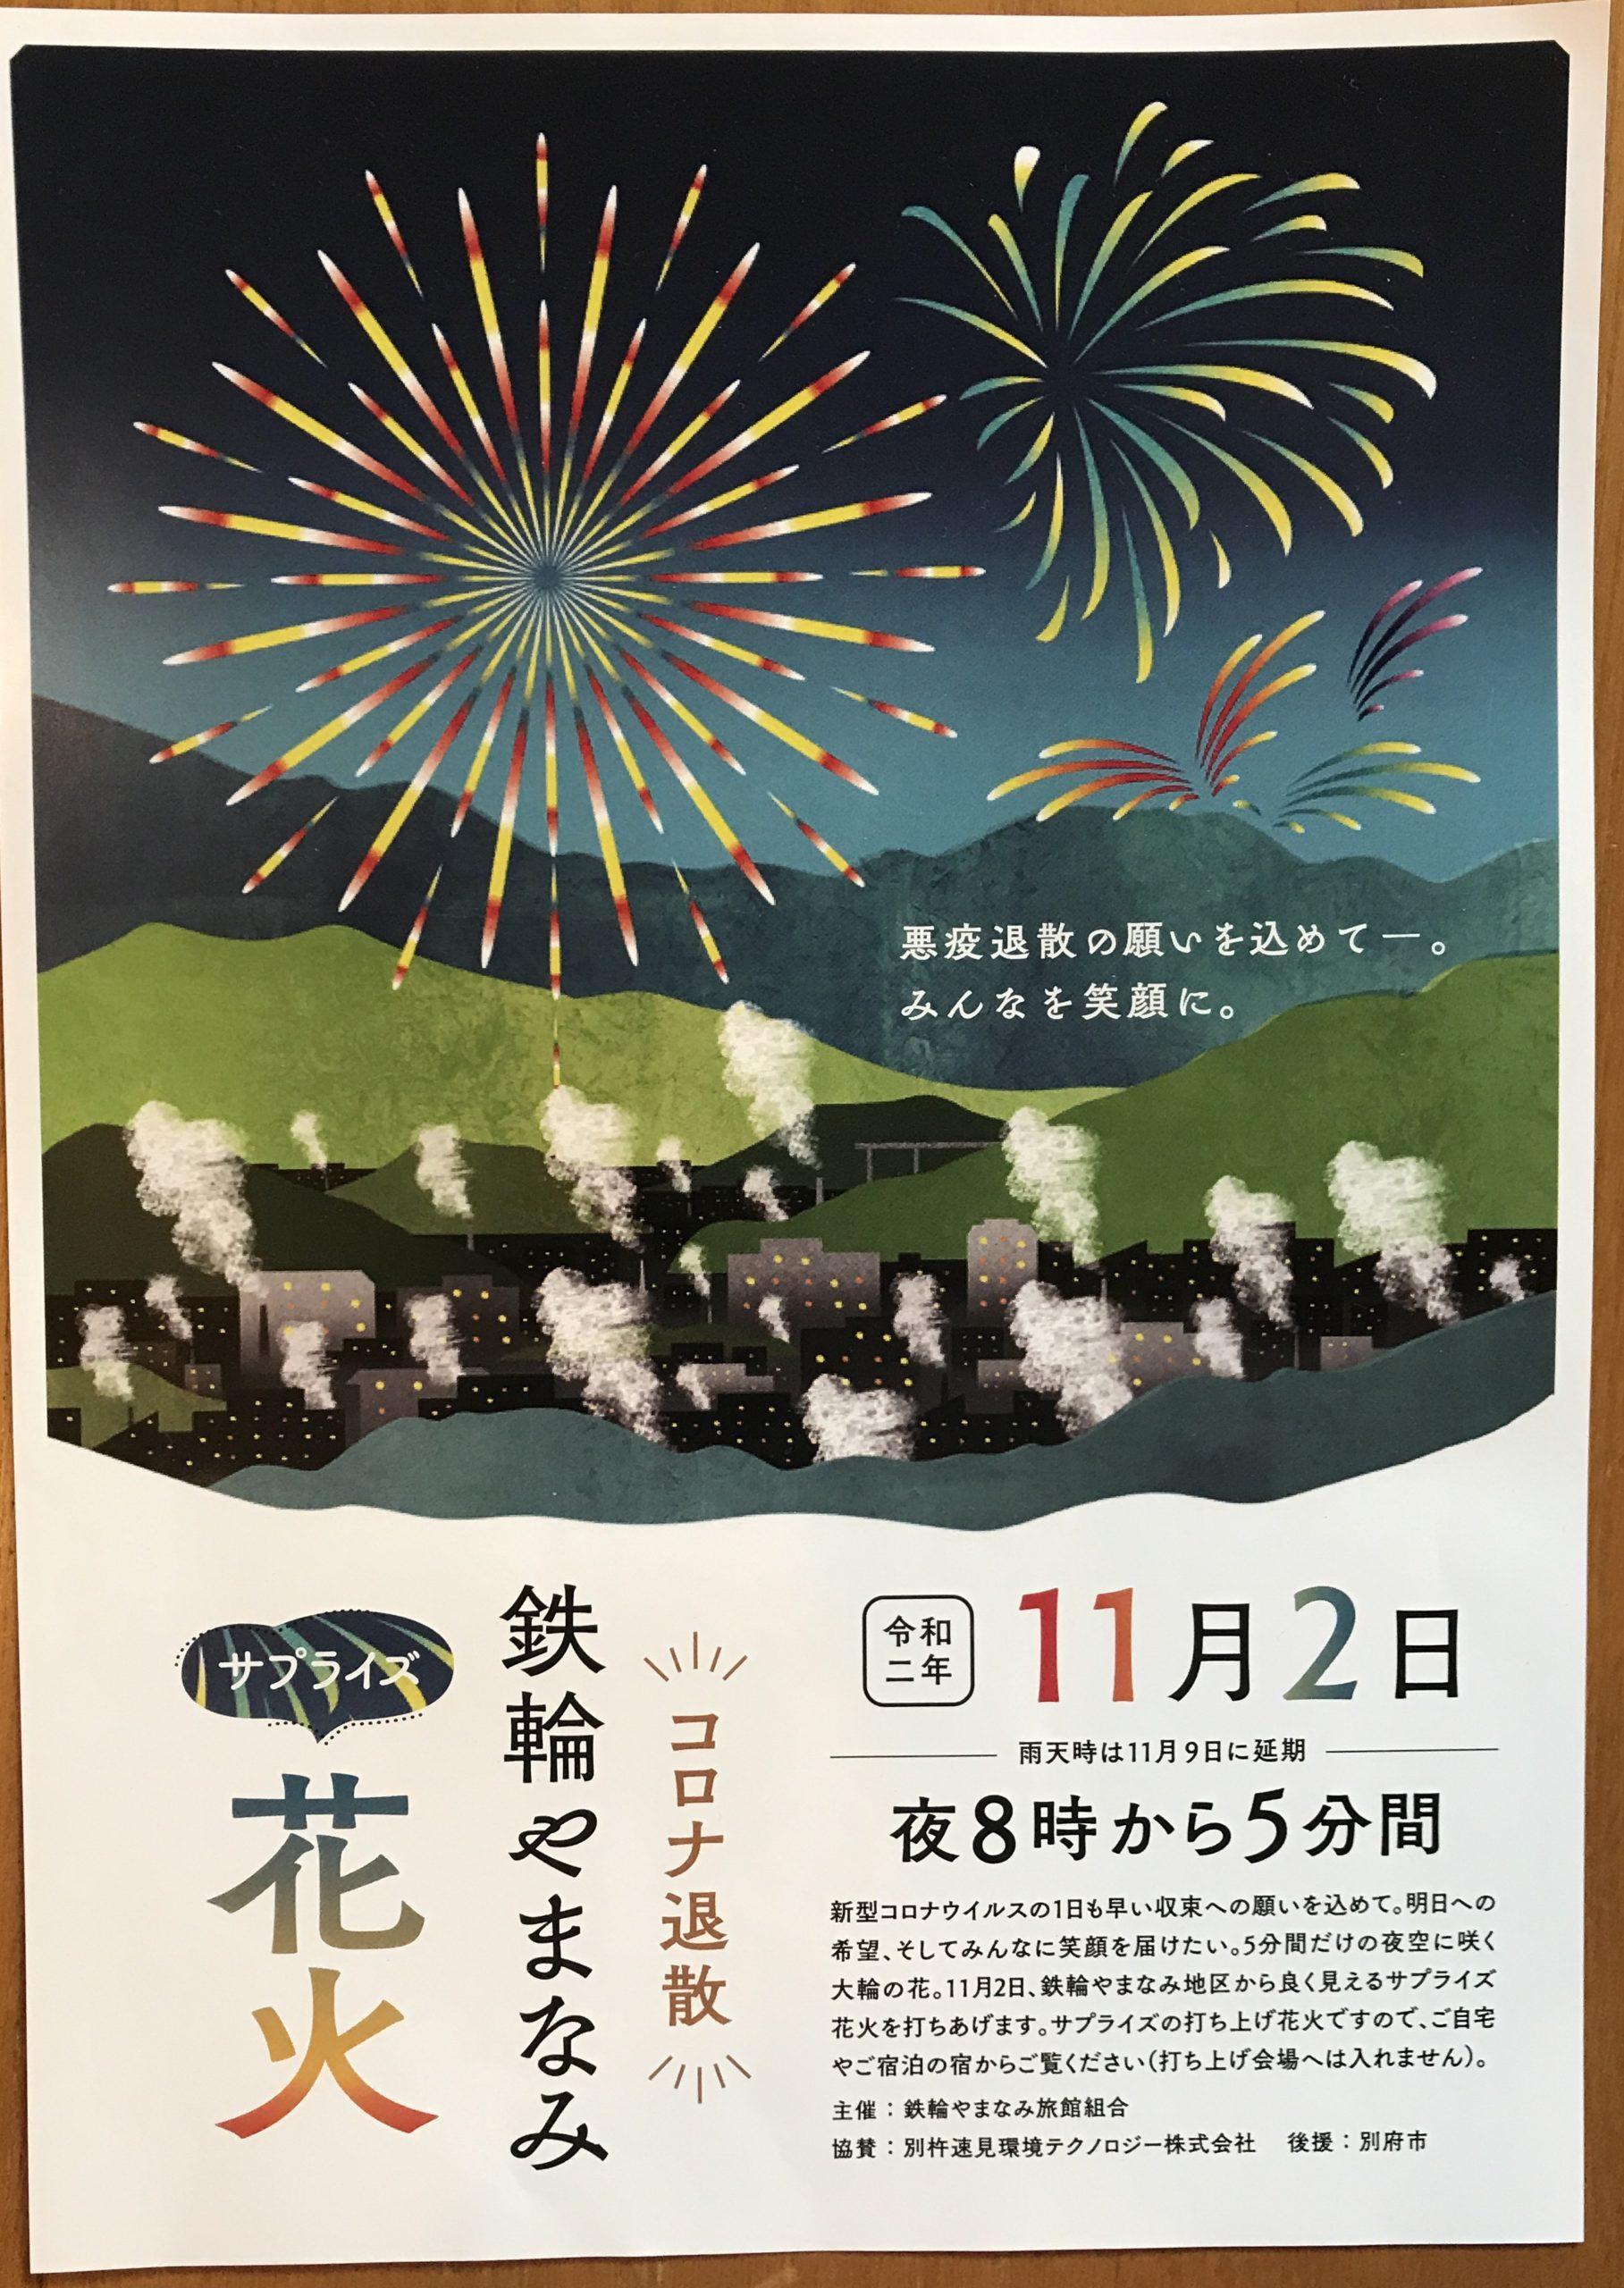 11月2日☆サプライズ花火があがります